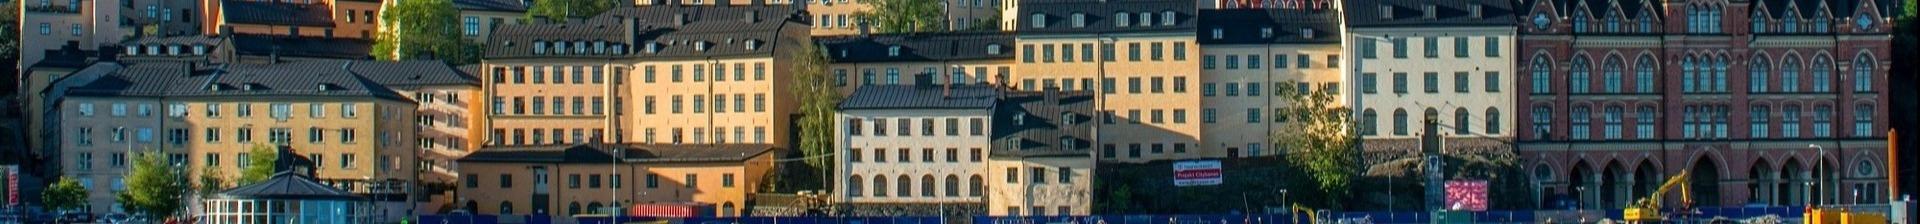 sweden-996001_1920-2-1-1